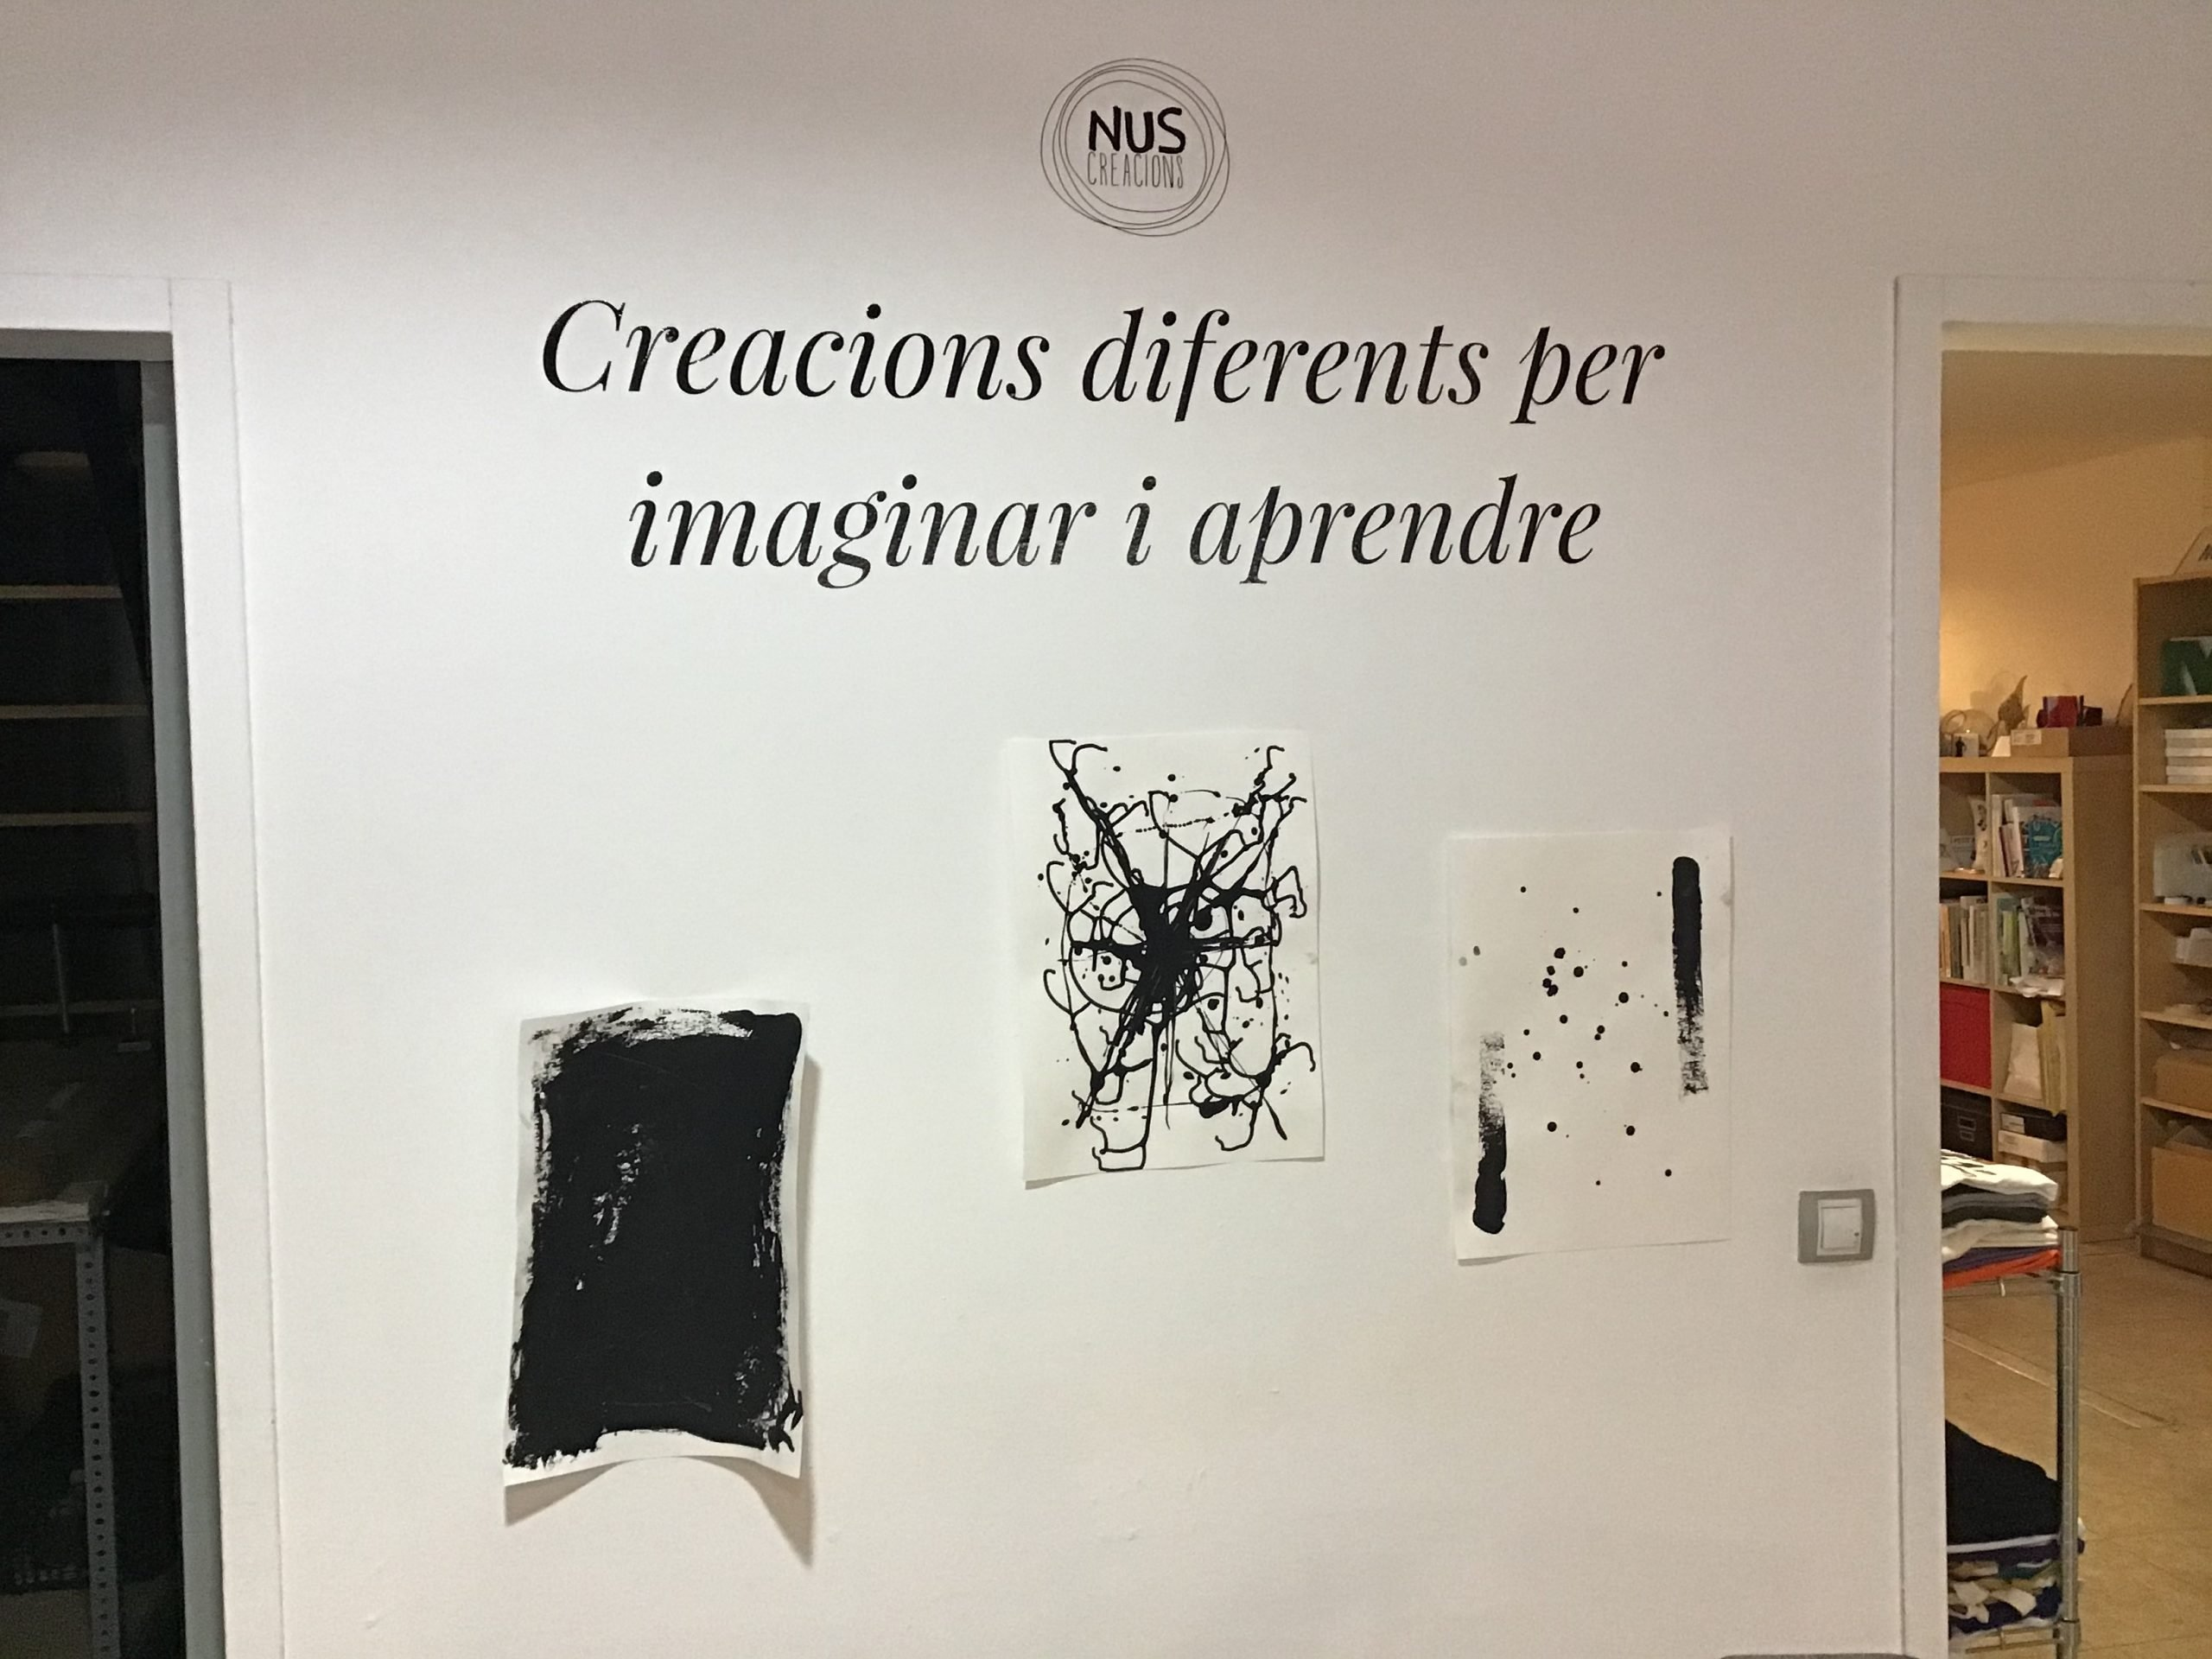 Text presentació paret Nus Creacions